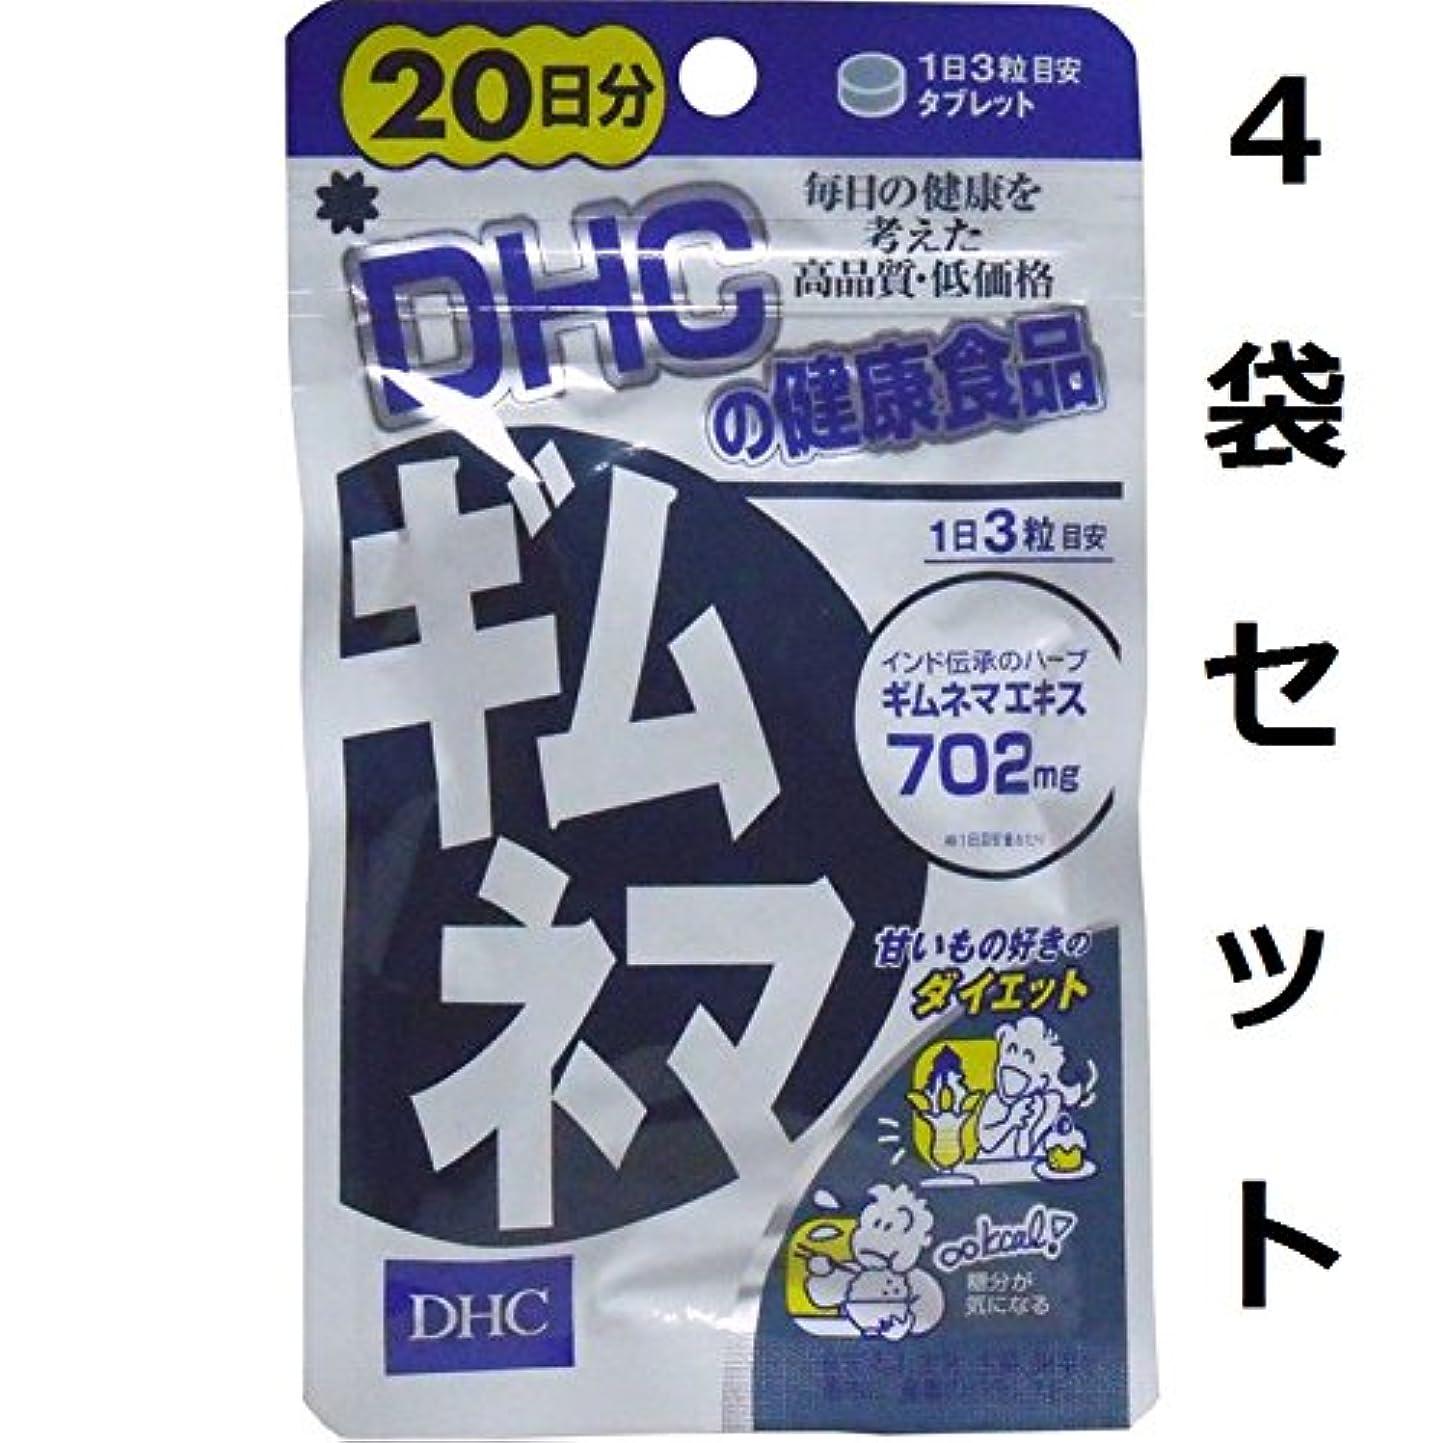 オーバードロー不明瞭食用糖分や炭水化物を多く摂る人に DHC ギムネマ 20日分 60粒 4袋セット